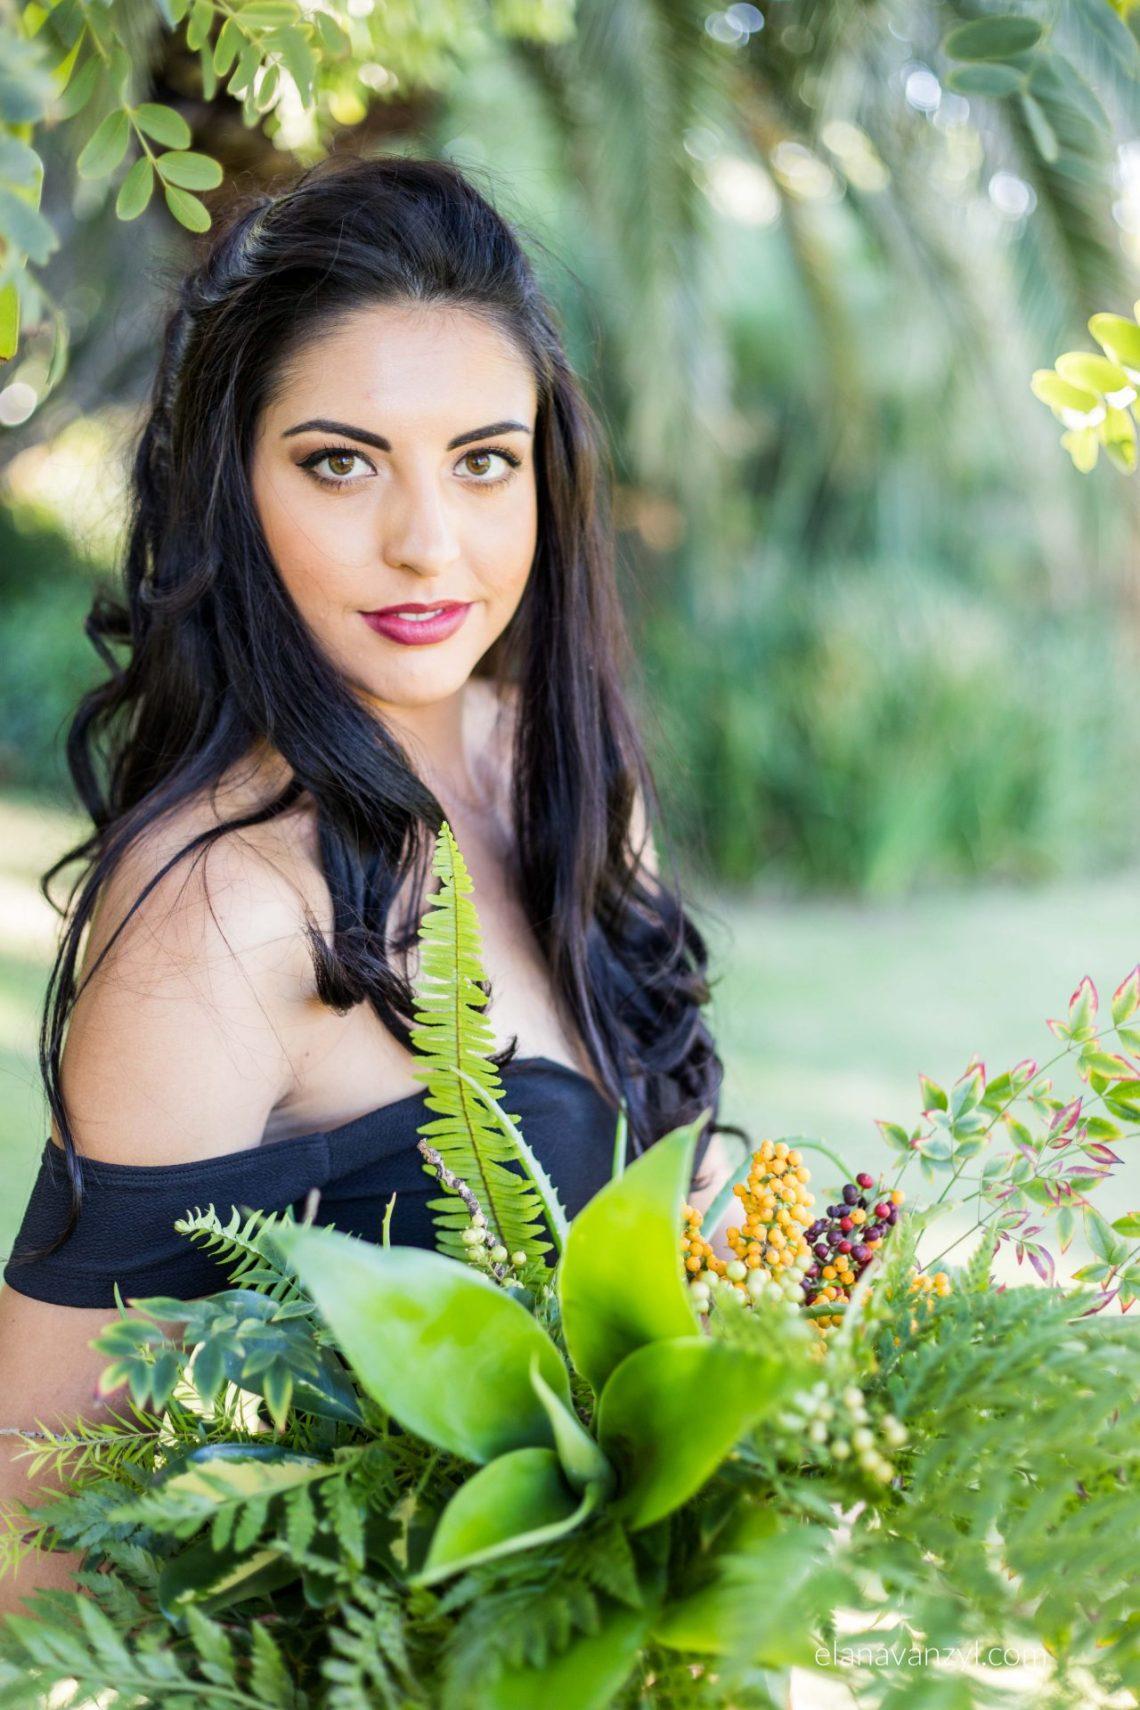 Styled Shoot_Elana van Zyl Photography-2-27